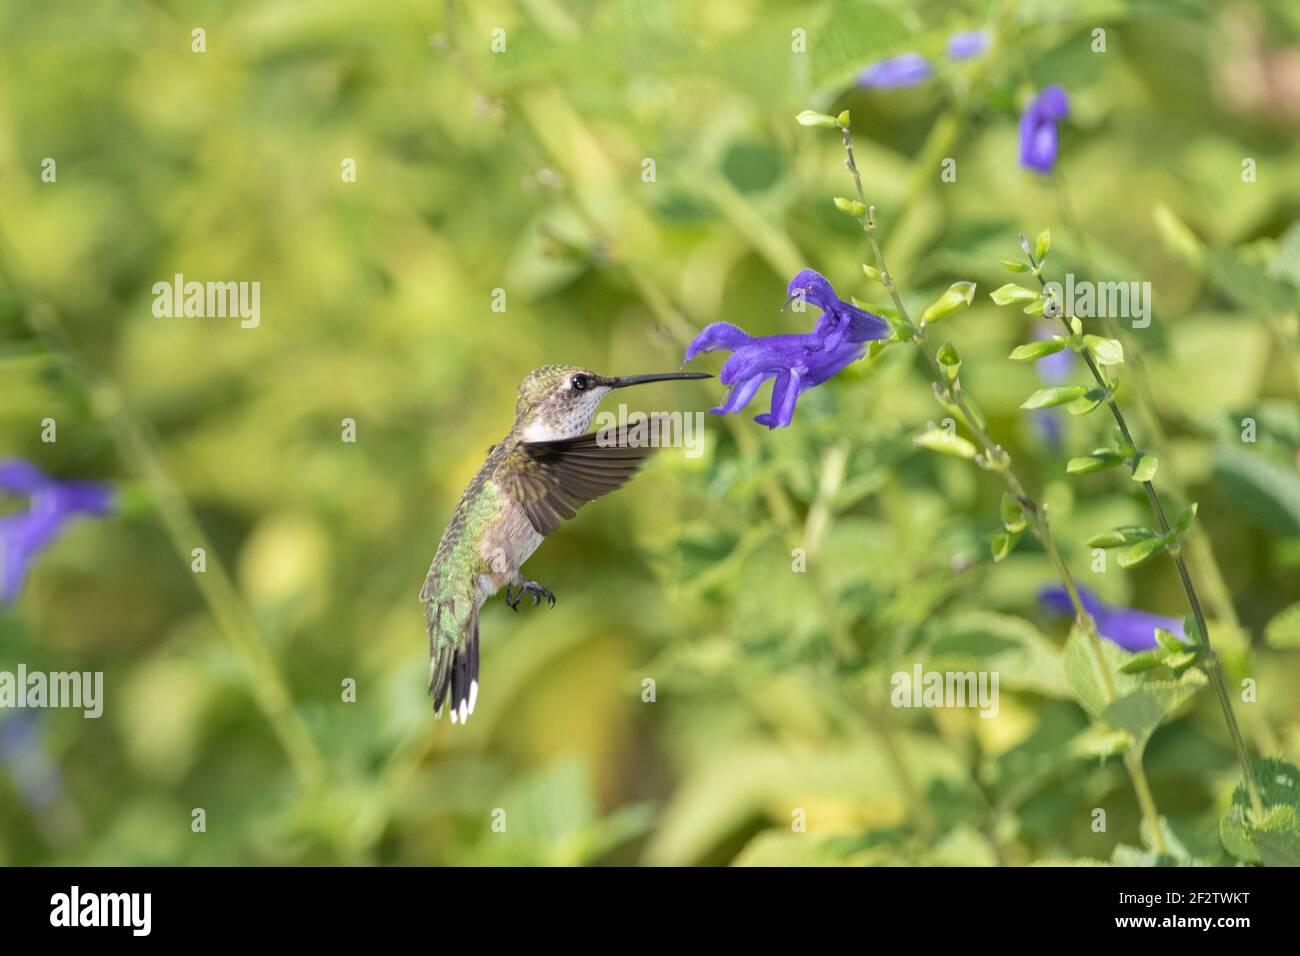 01162-16020 Hummingbird de garganta rubí (Archilochus colubris) en el Blue Ensign Salvia (Salvia guaranitica ' Blue Ensign') Marion Co. IL Foto de stock